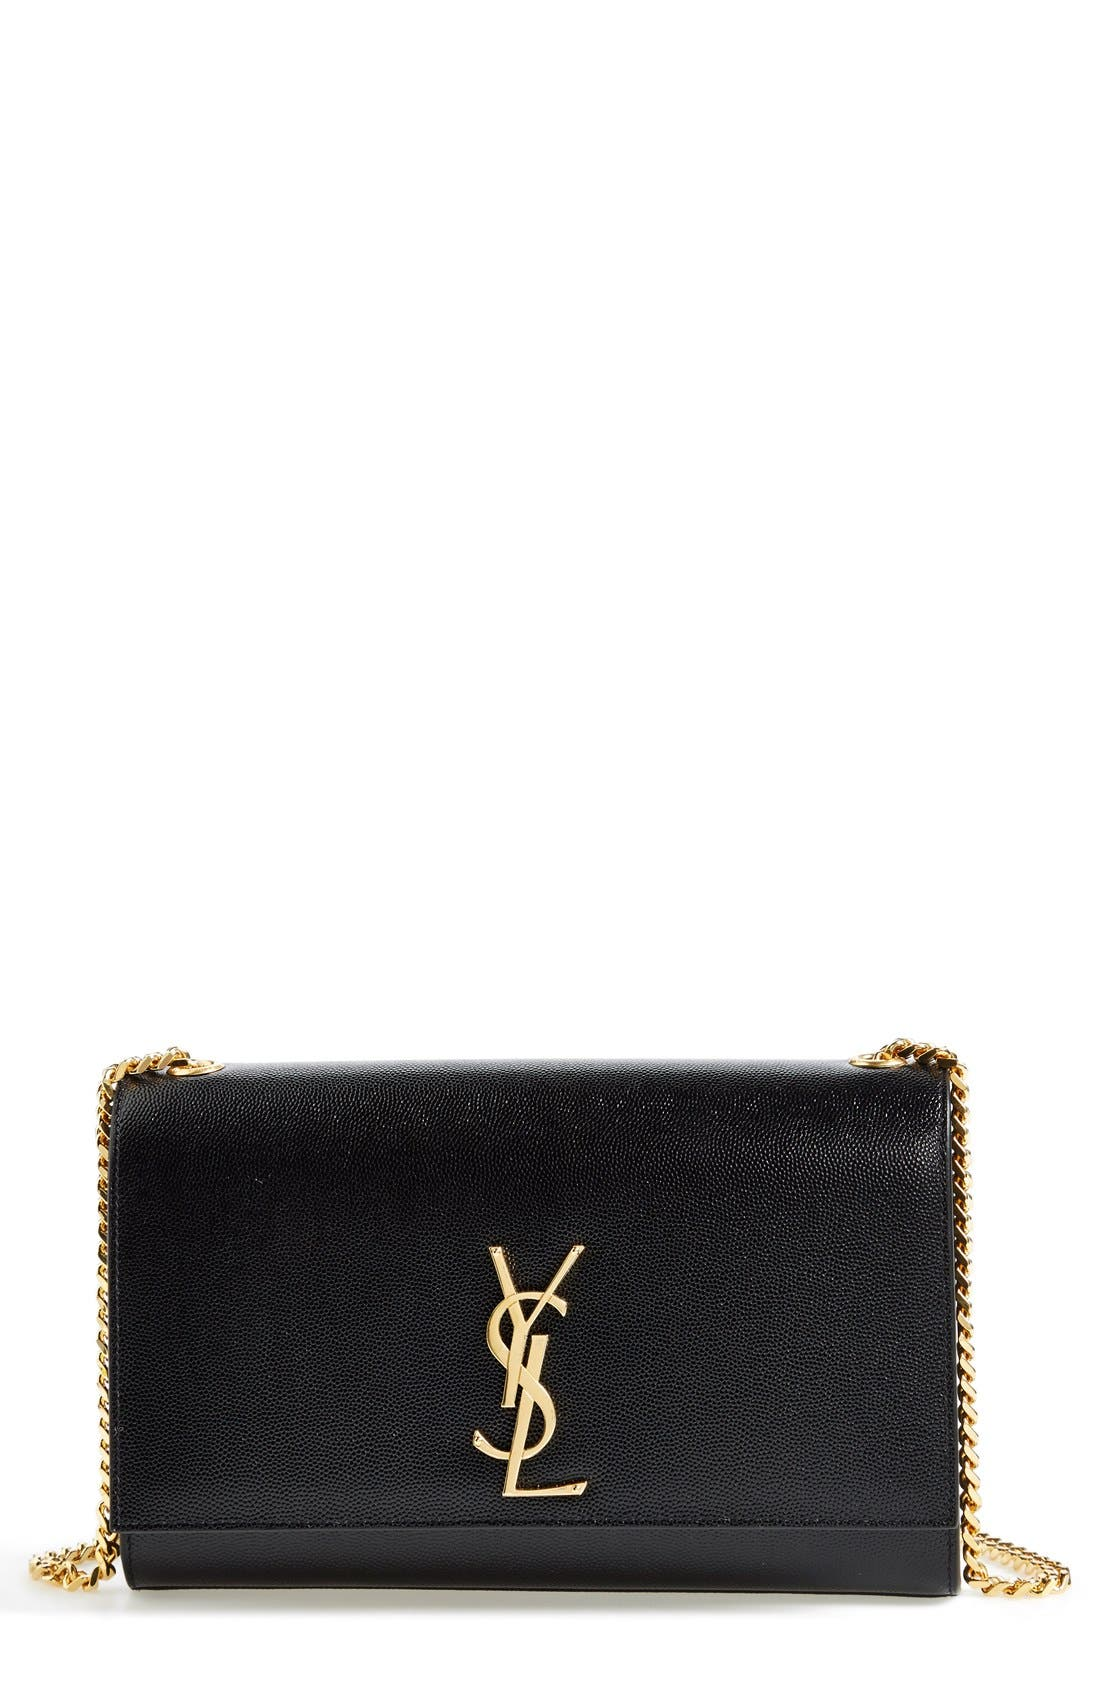 'Medium Kate' Leather Chain Shoulder Bag,                             Main thumbnail 1, color,                             NOIR